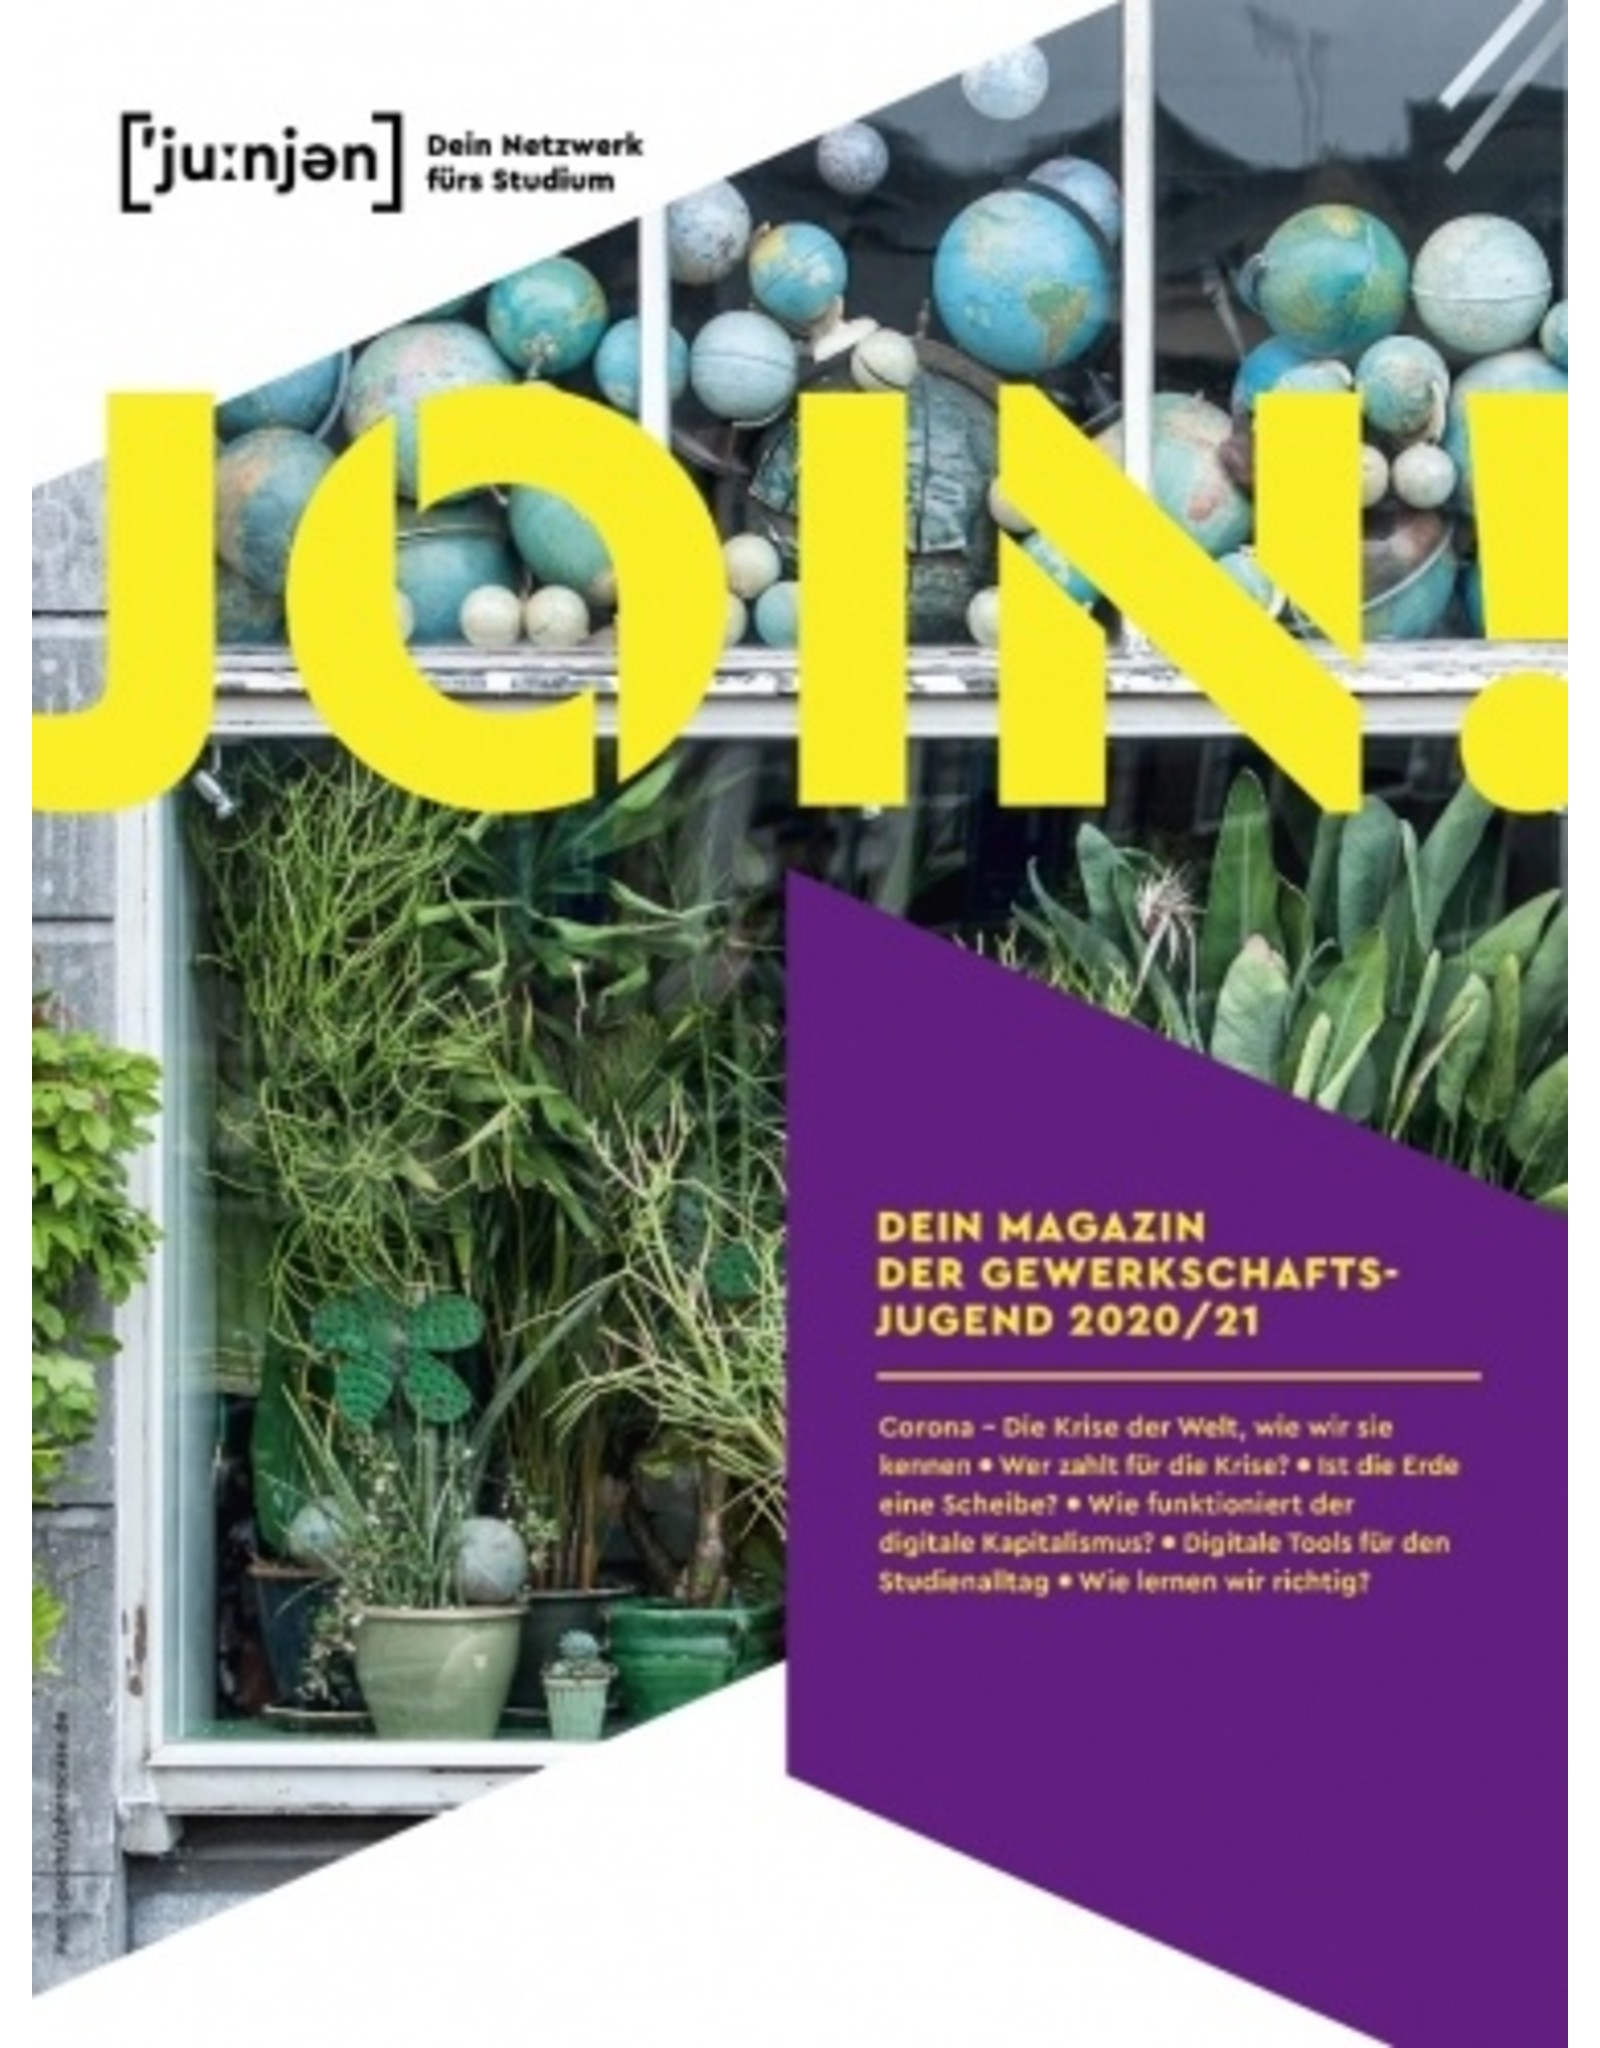 join! Das neue Magazin der DGB-Jugend für Studierende - 2.Ausgabe